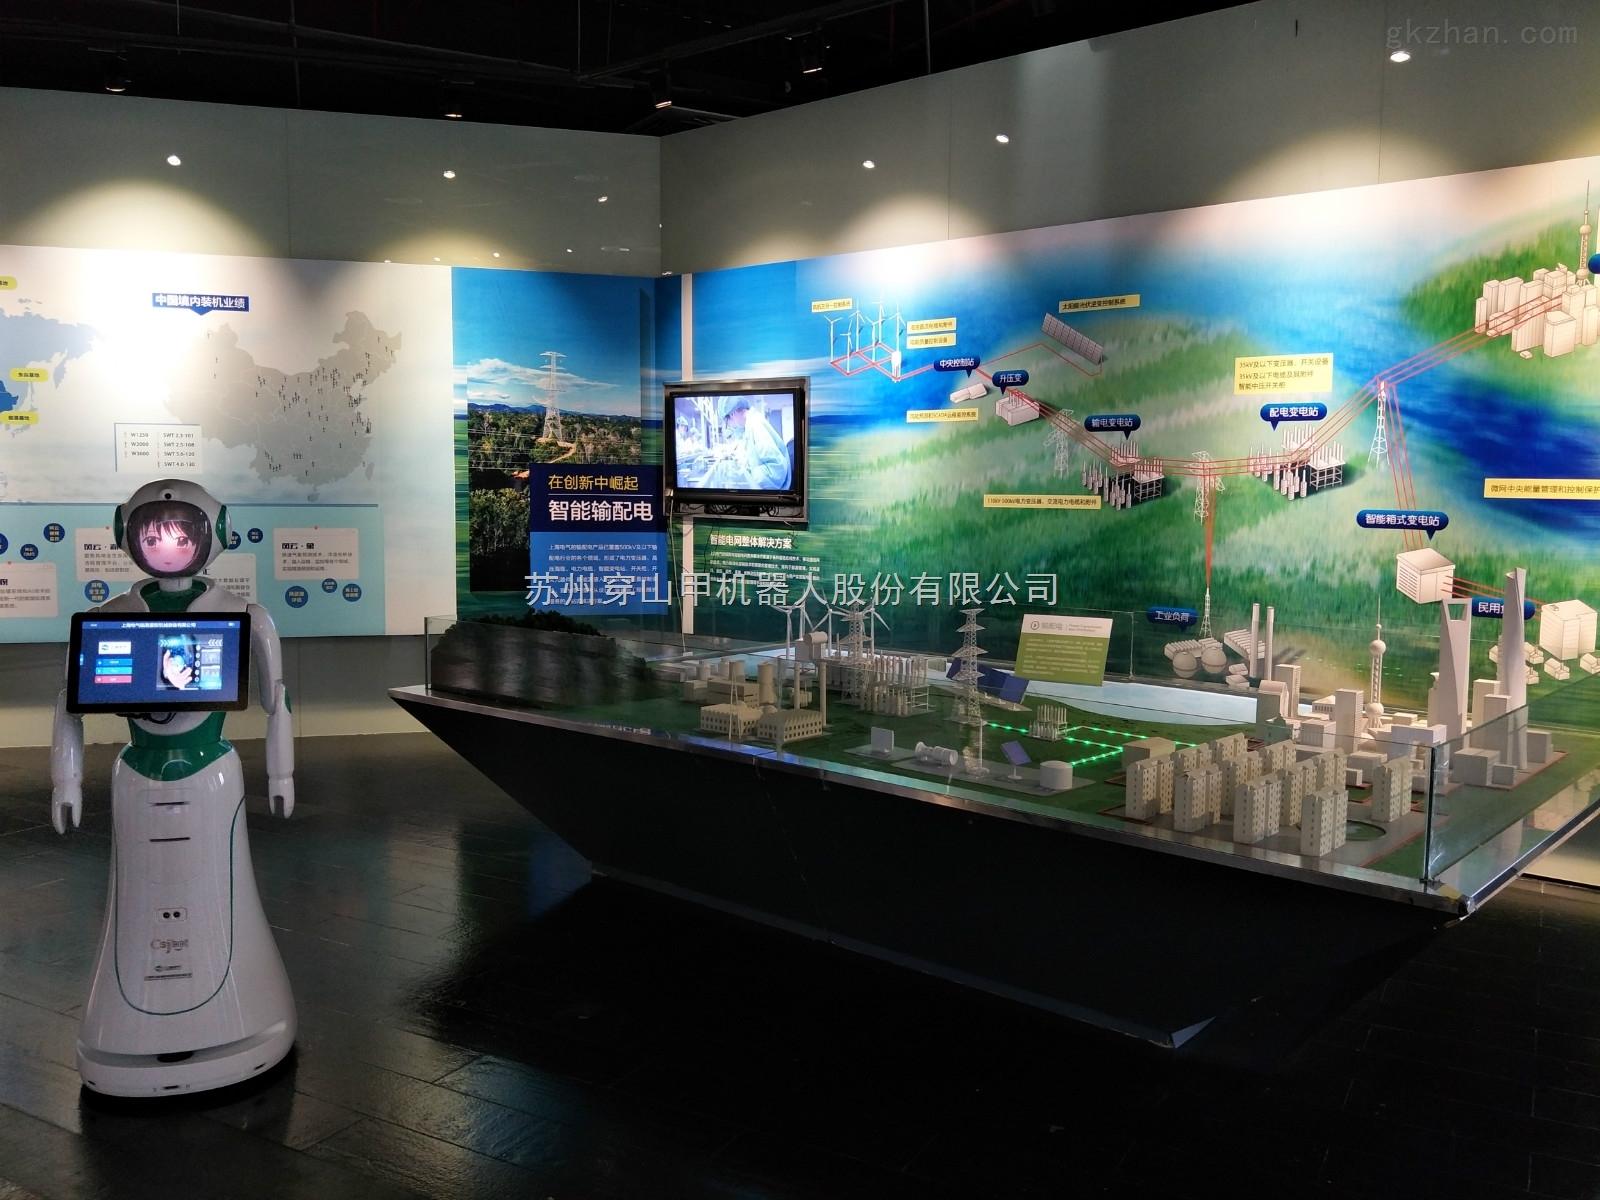 北京科技展览馆机器人迎宾